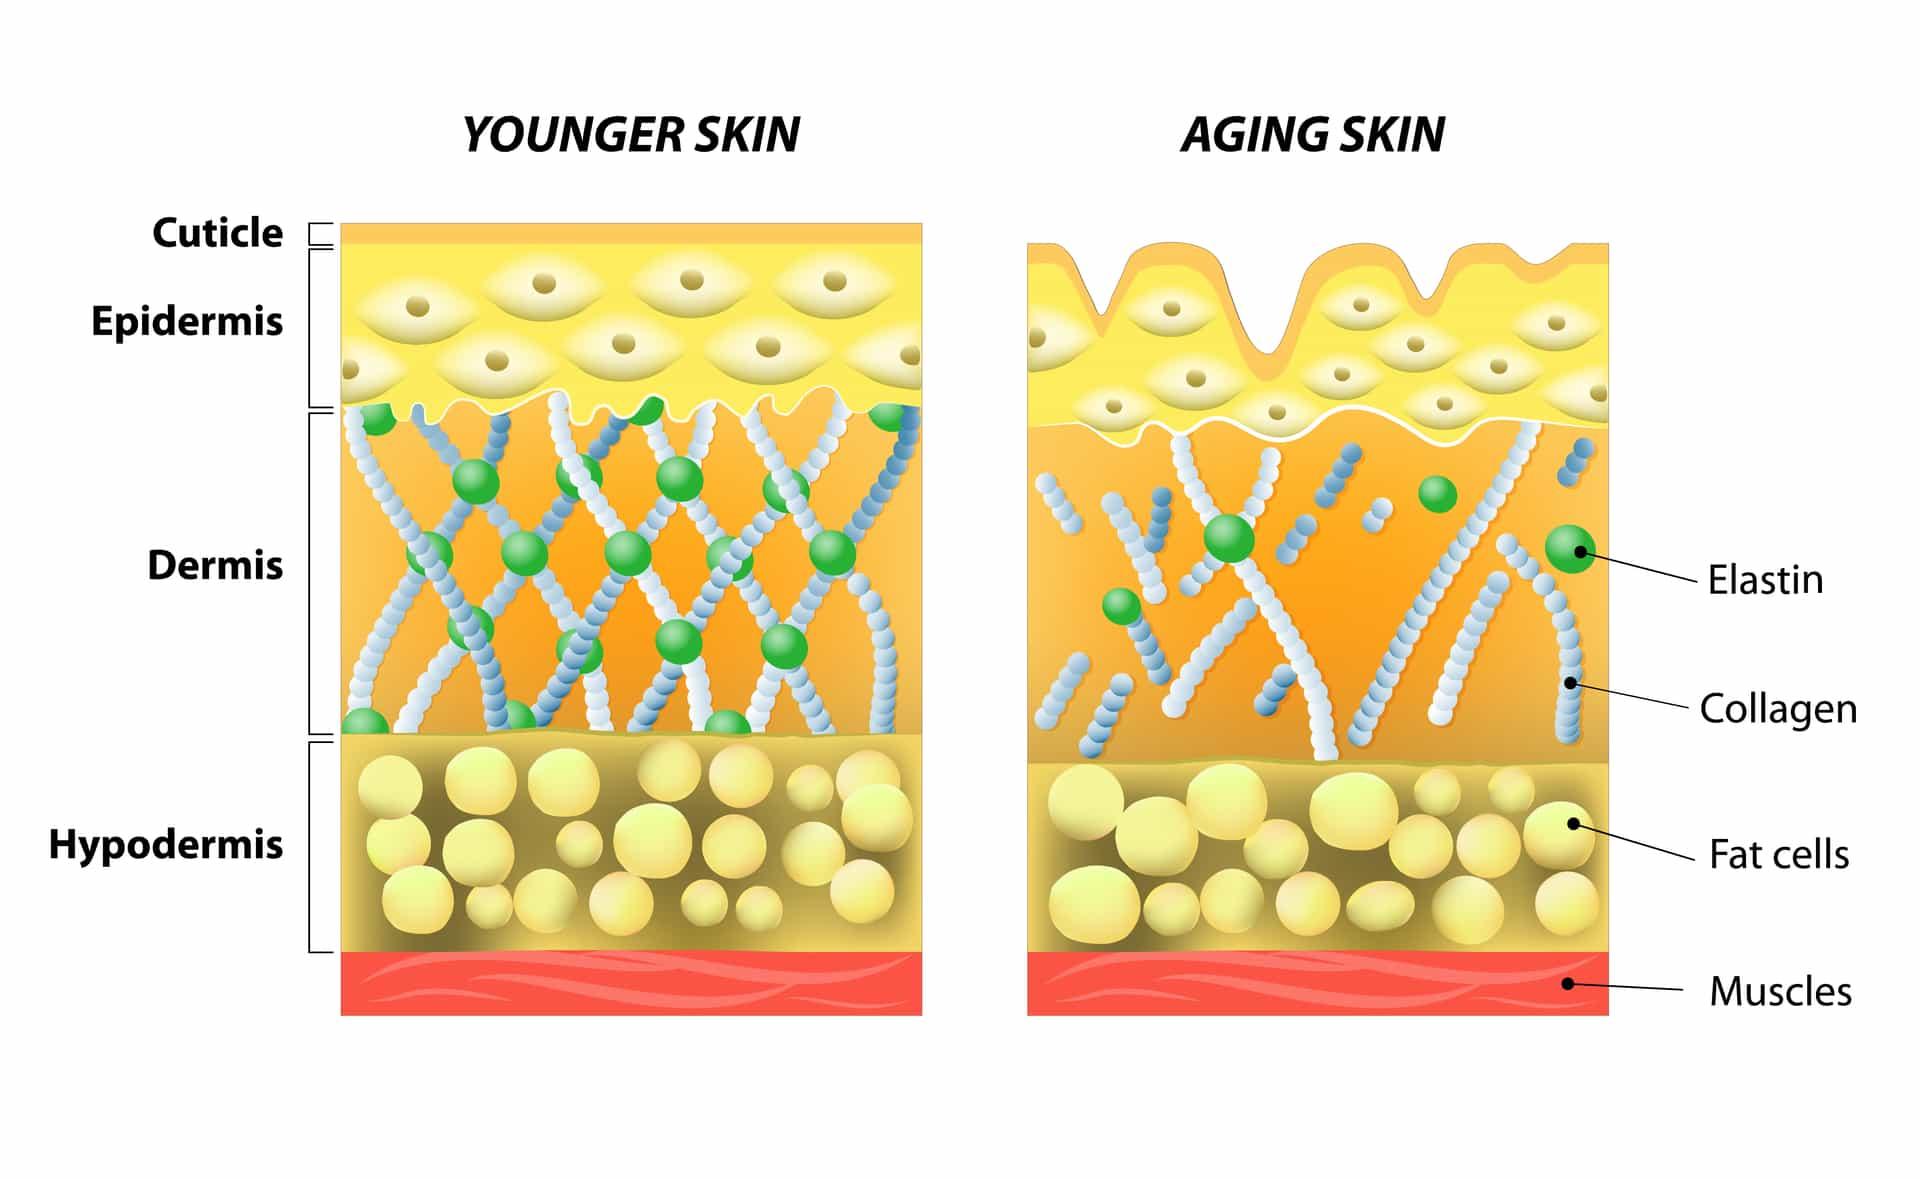 ویتامین سی برای پوست - تاثیر ویتامین C بر کلاژن سازی